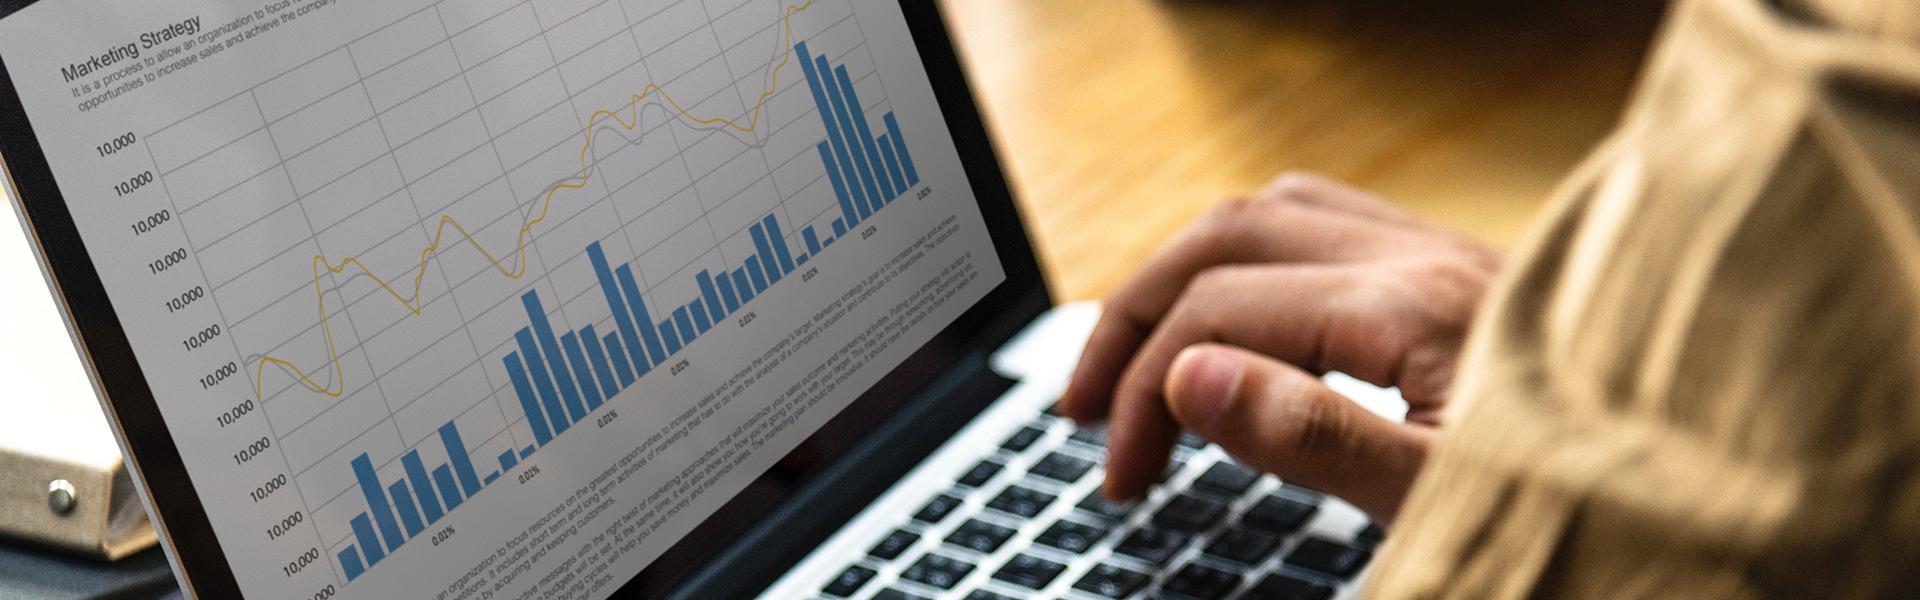 El crecimiento de la empresa gracias al marketing basado en datos